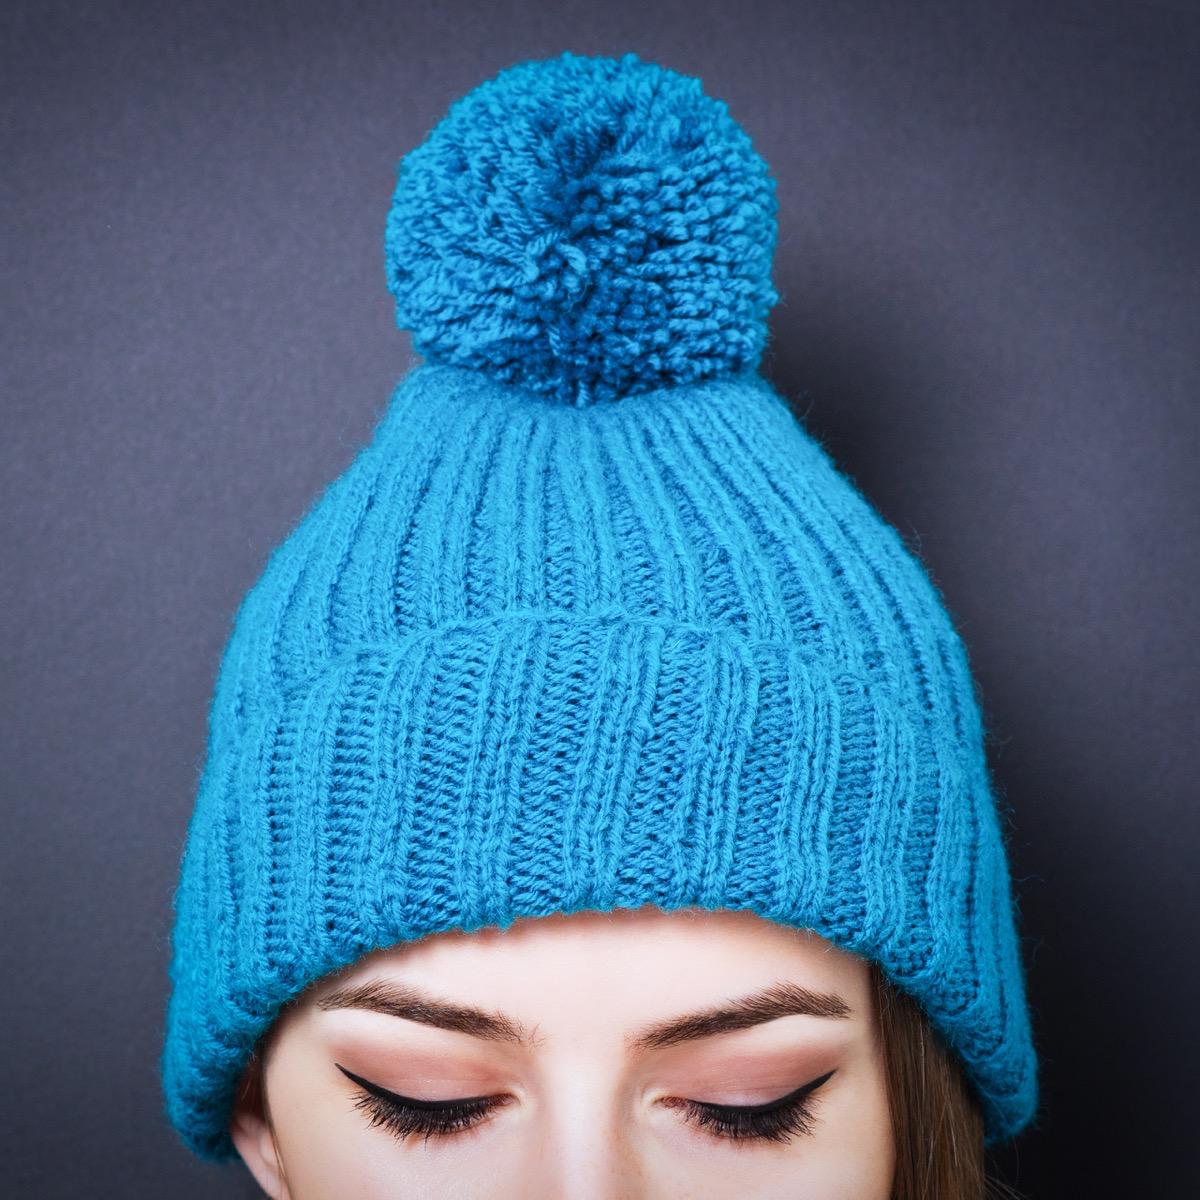 Winter Hat with a Pom Pom